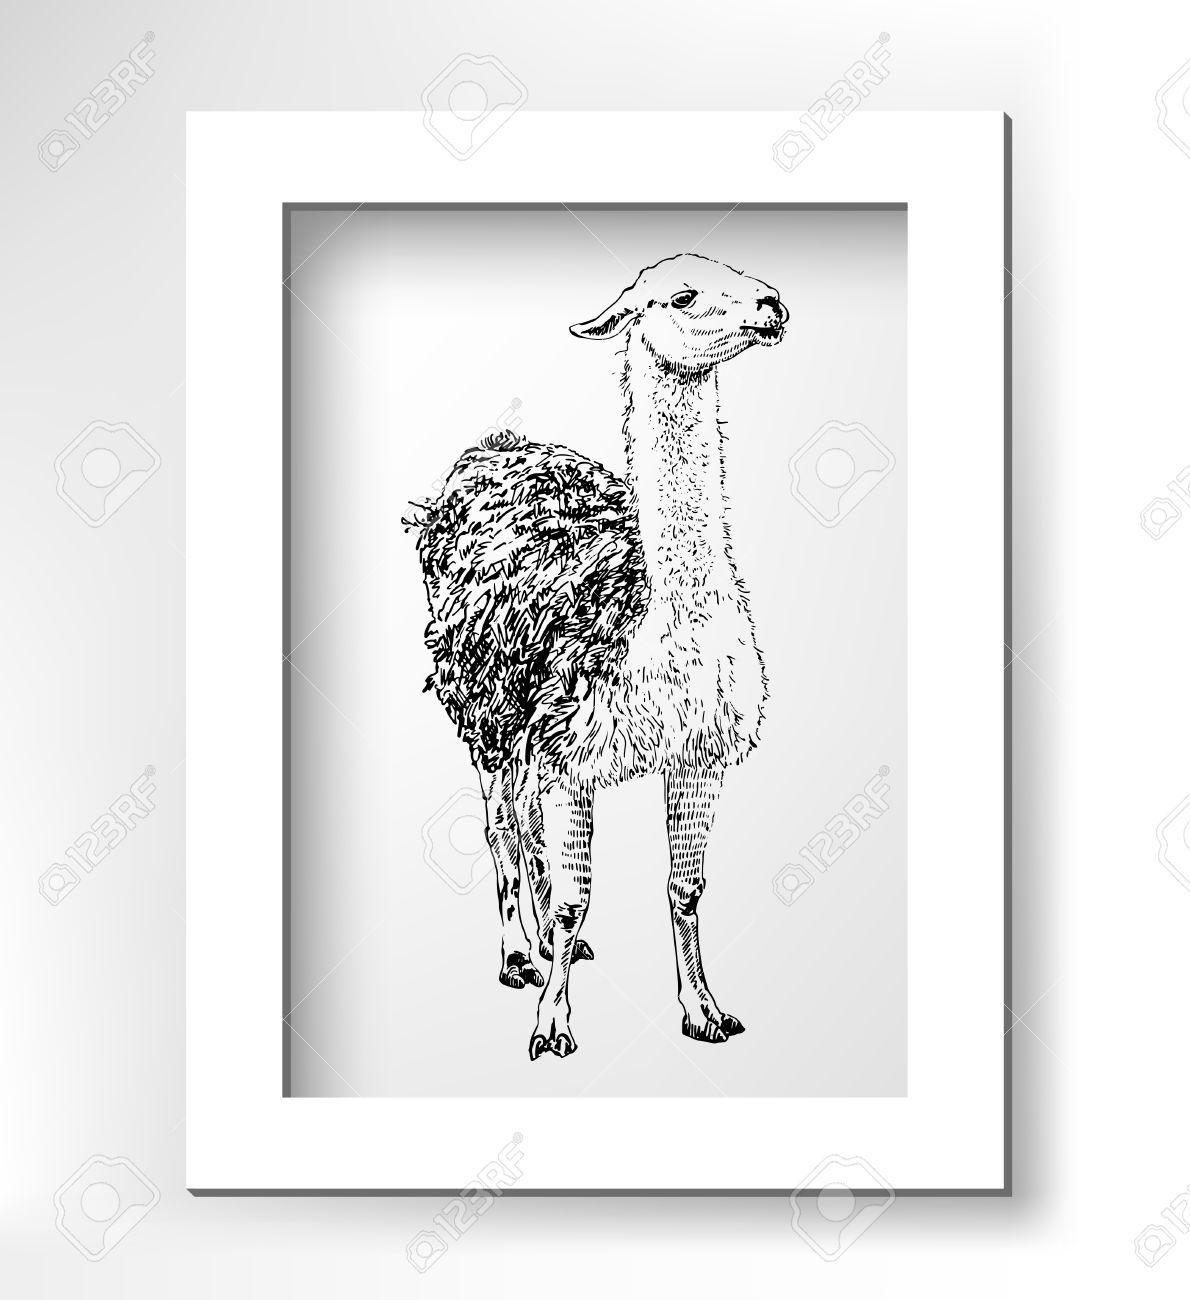 Kunstwerk Lama, Digitale Skizze Tier, Realistisch Schwarz Zeichnung ...